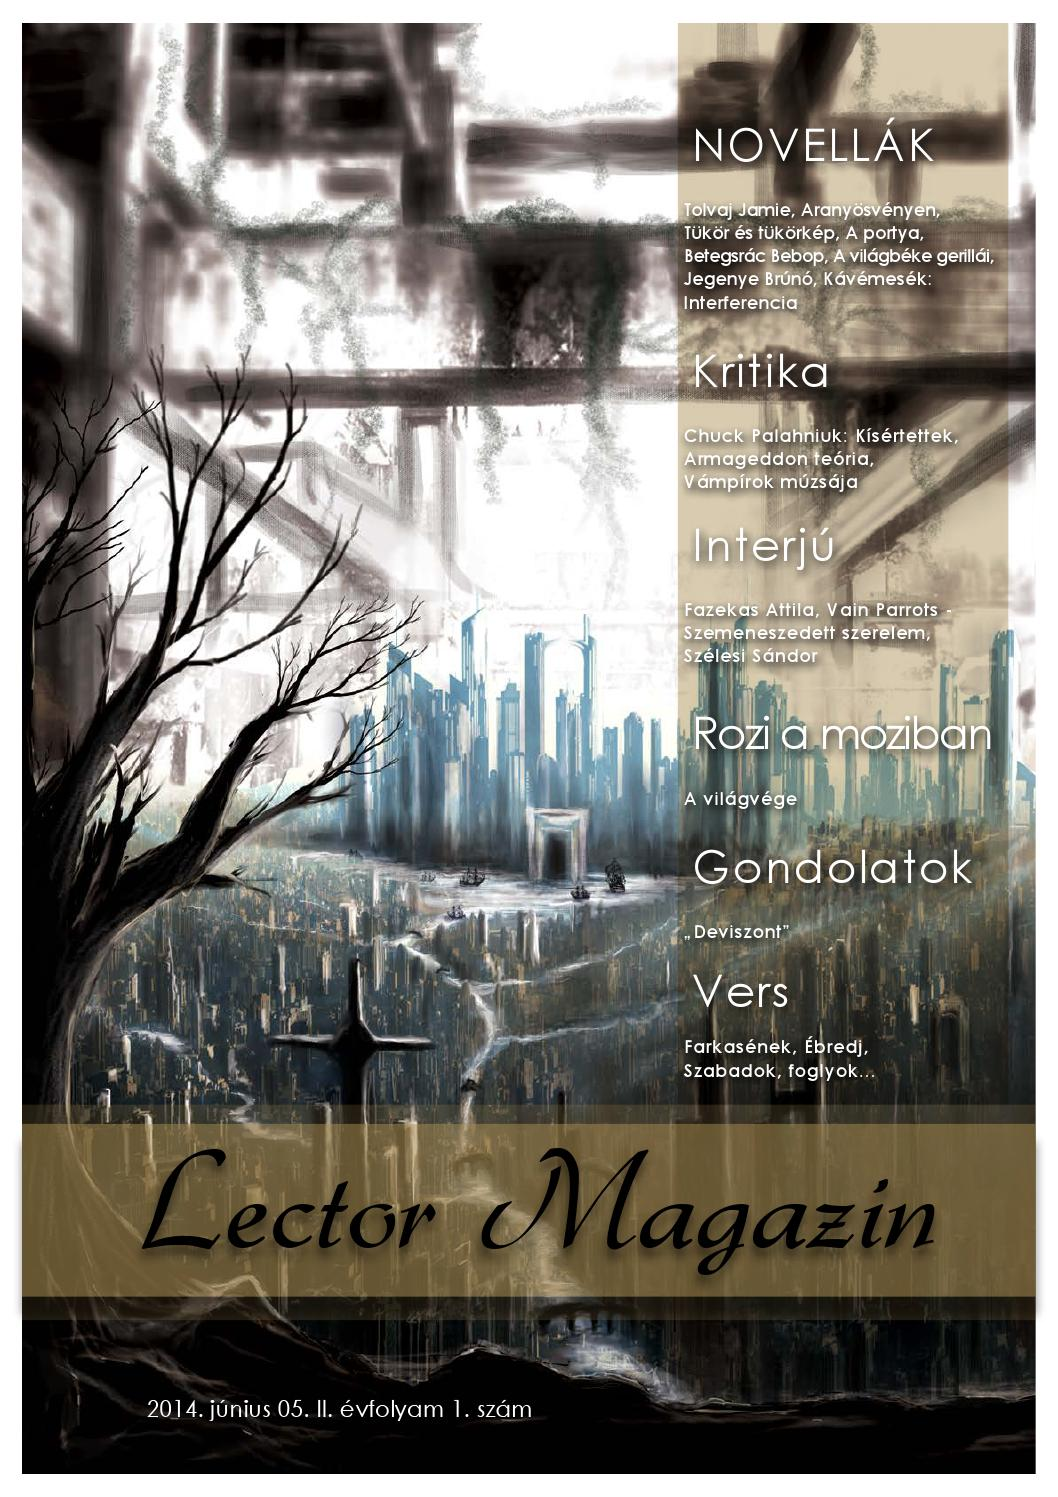 Holnap Magazin - Szógyakoriság Radnóti Miklós költészetében